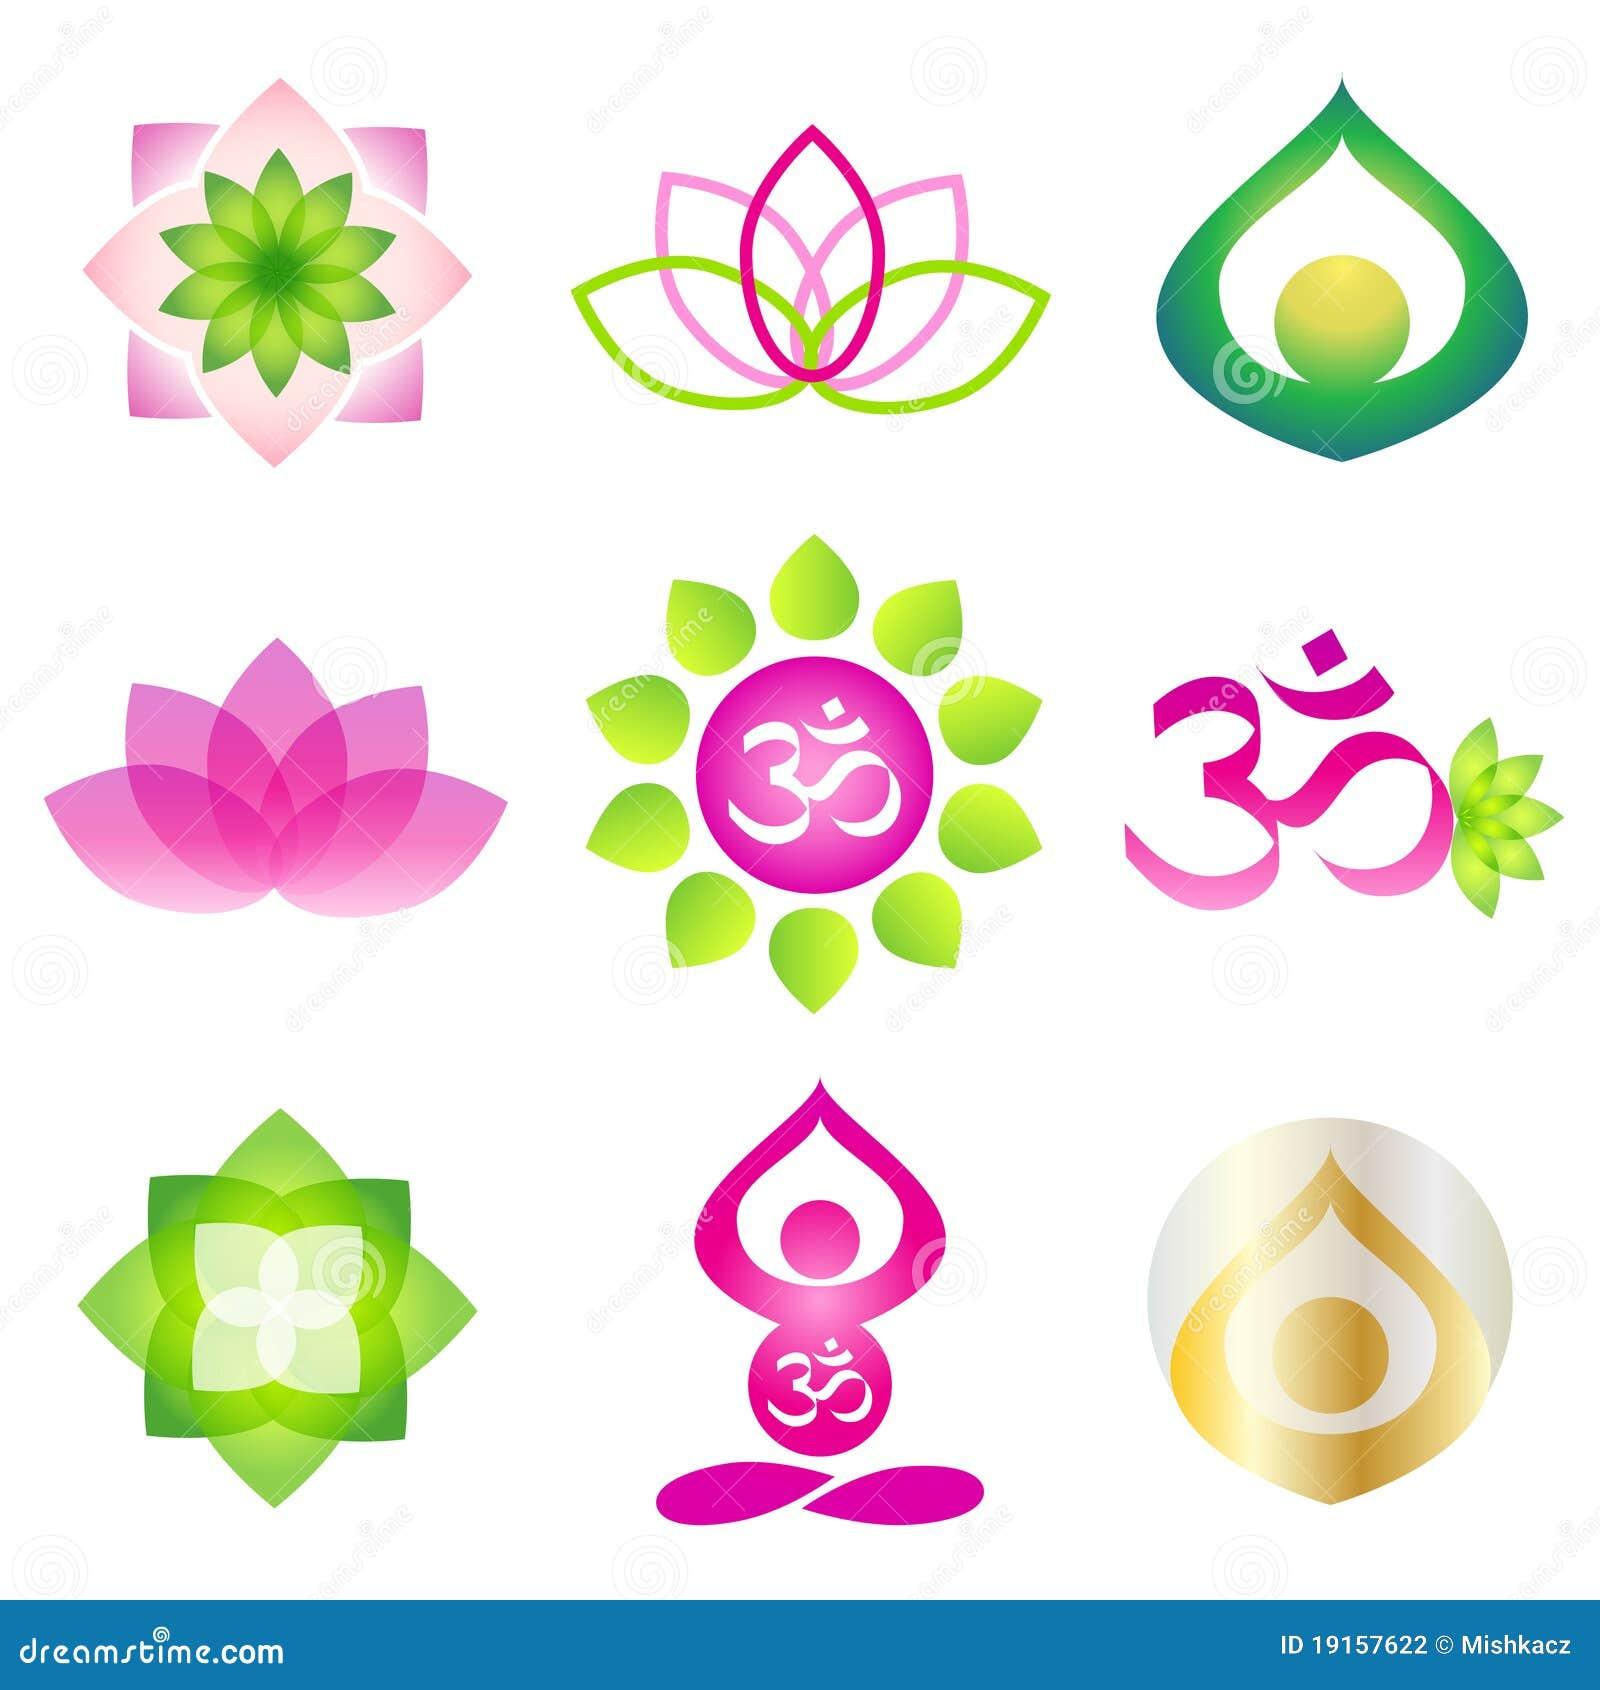 要素图标徽标瑜伽